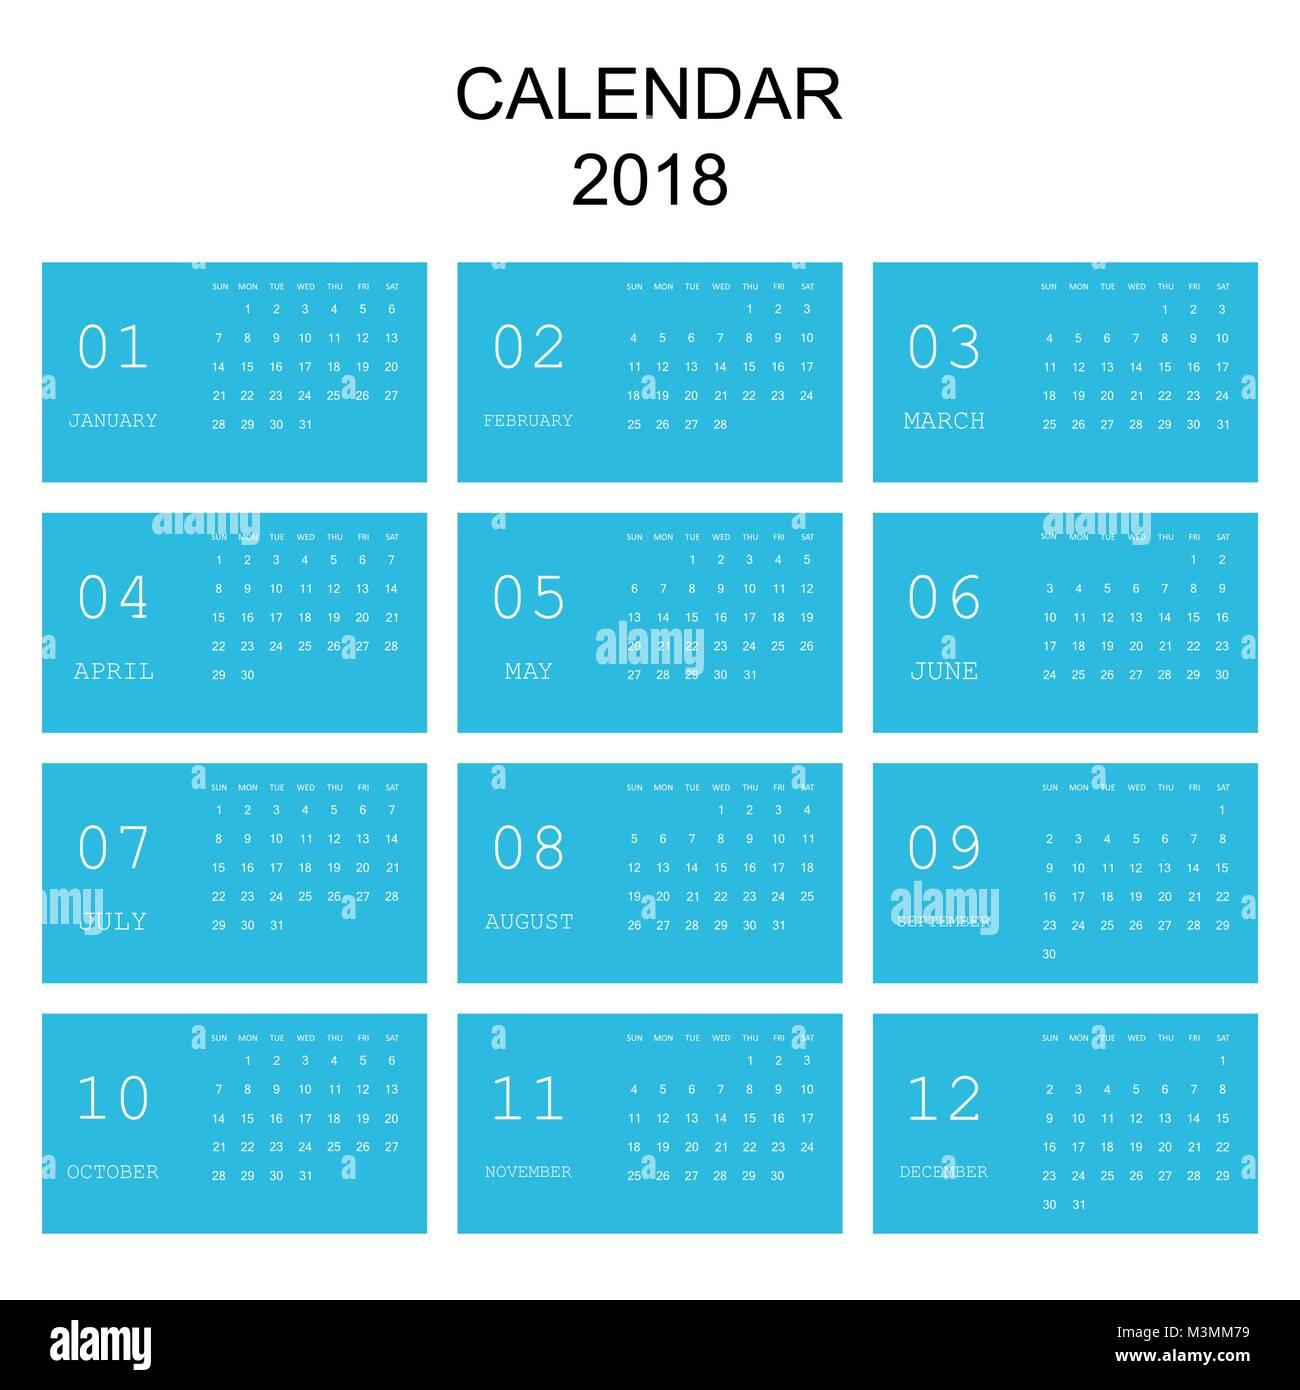 Nett Planer Scheduler Lebenslauf Beispiele Ideen - Entry Level ...